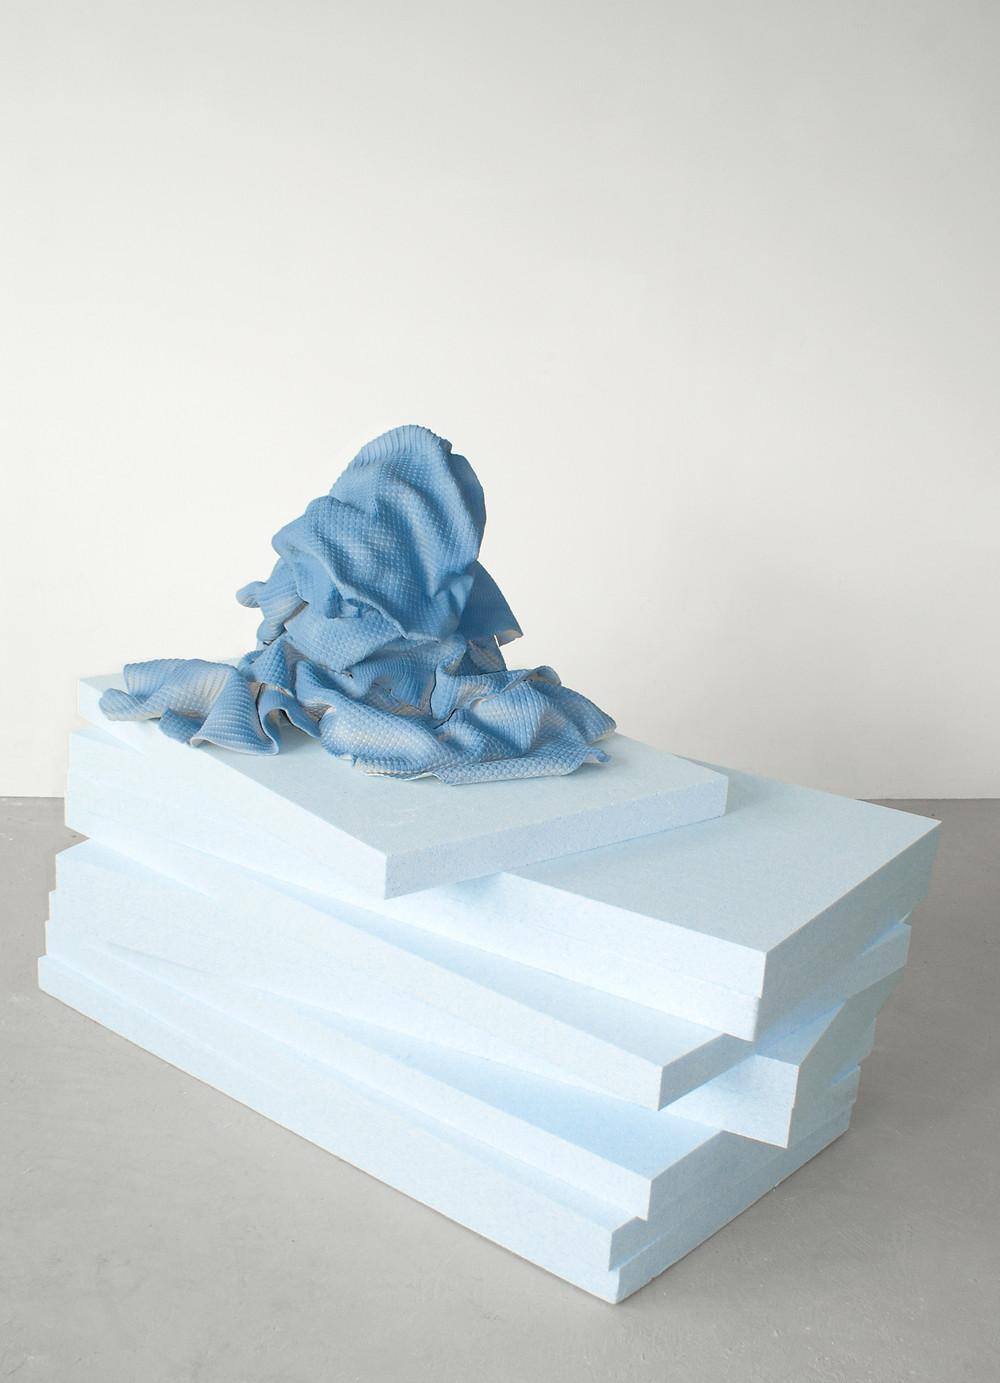 vera kox ribot gallery contemporary art milan